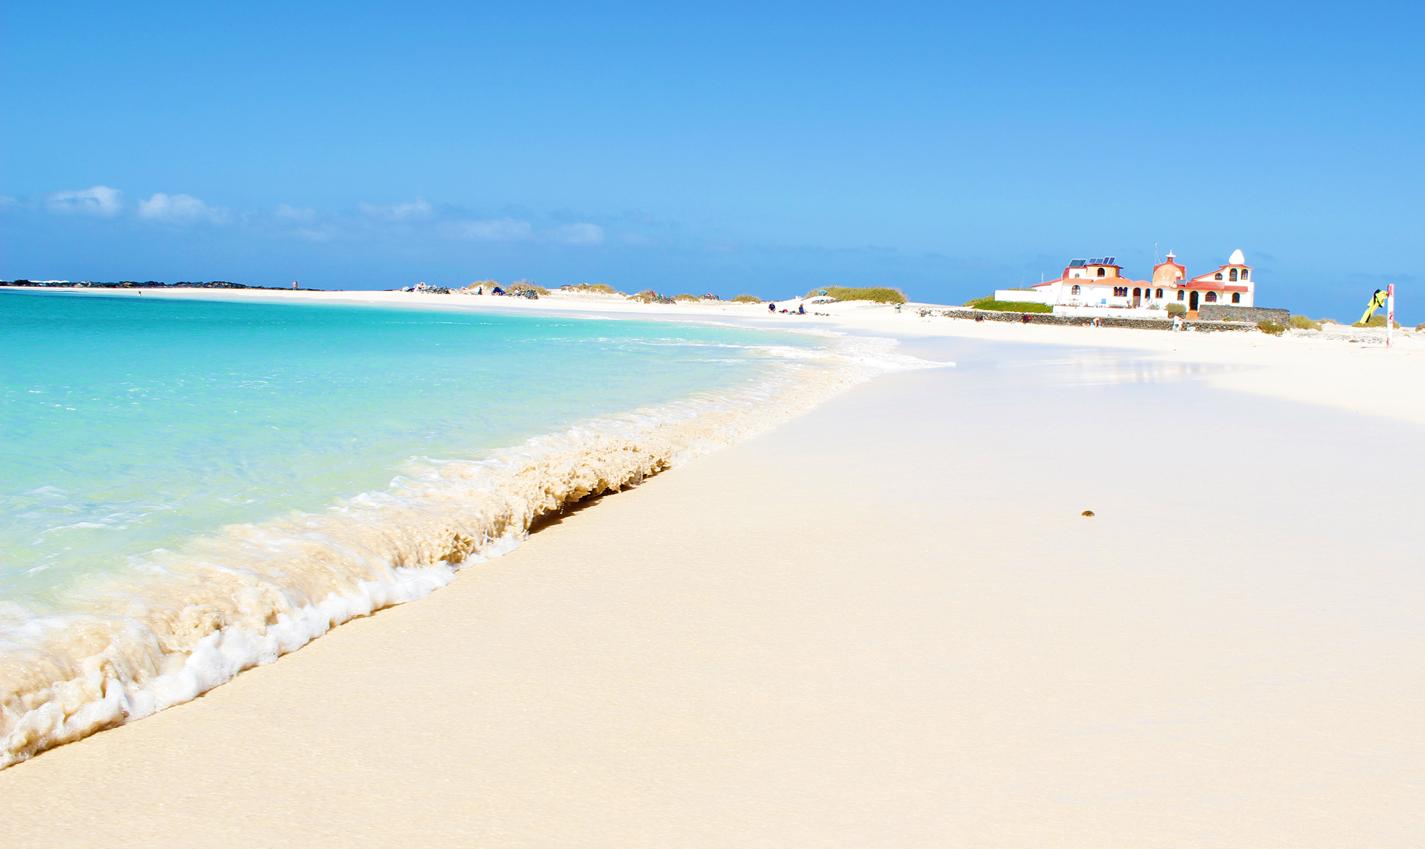 Matrimonio Spiaggia Fuerteventura : Vivere a fuerteventura la storia di elisa